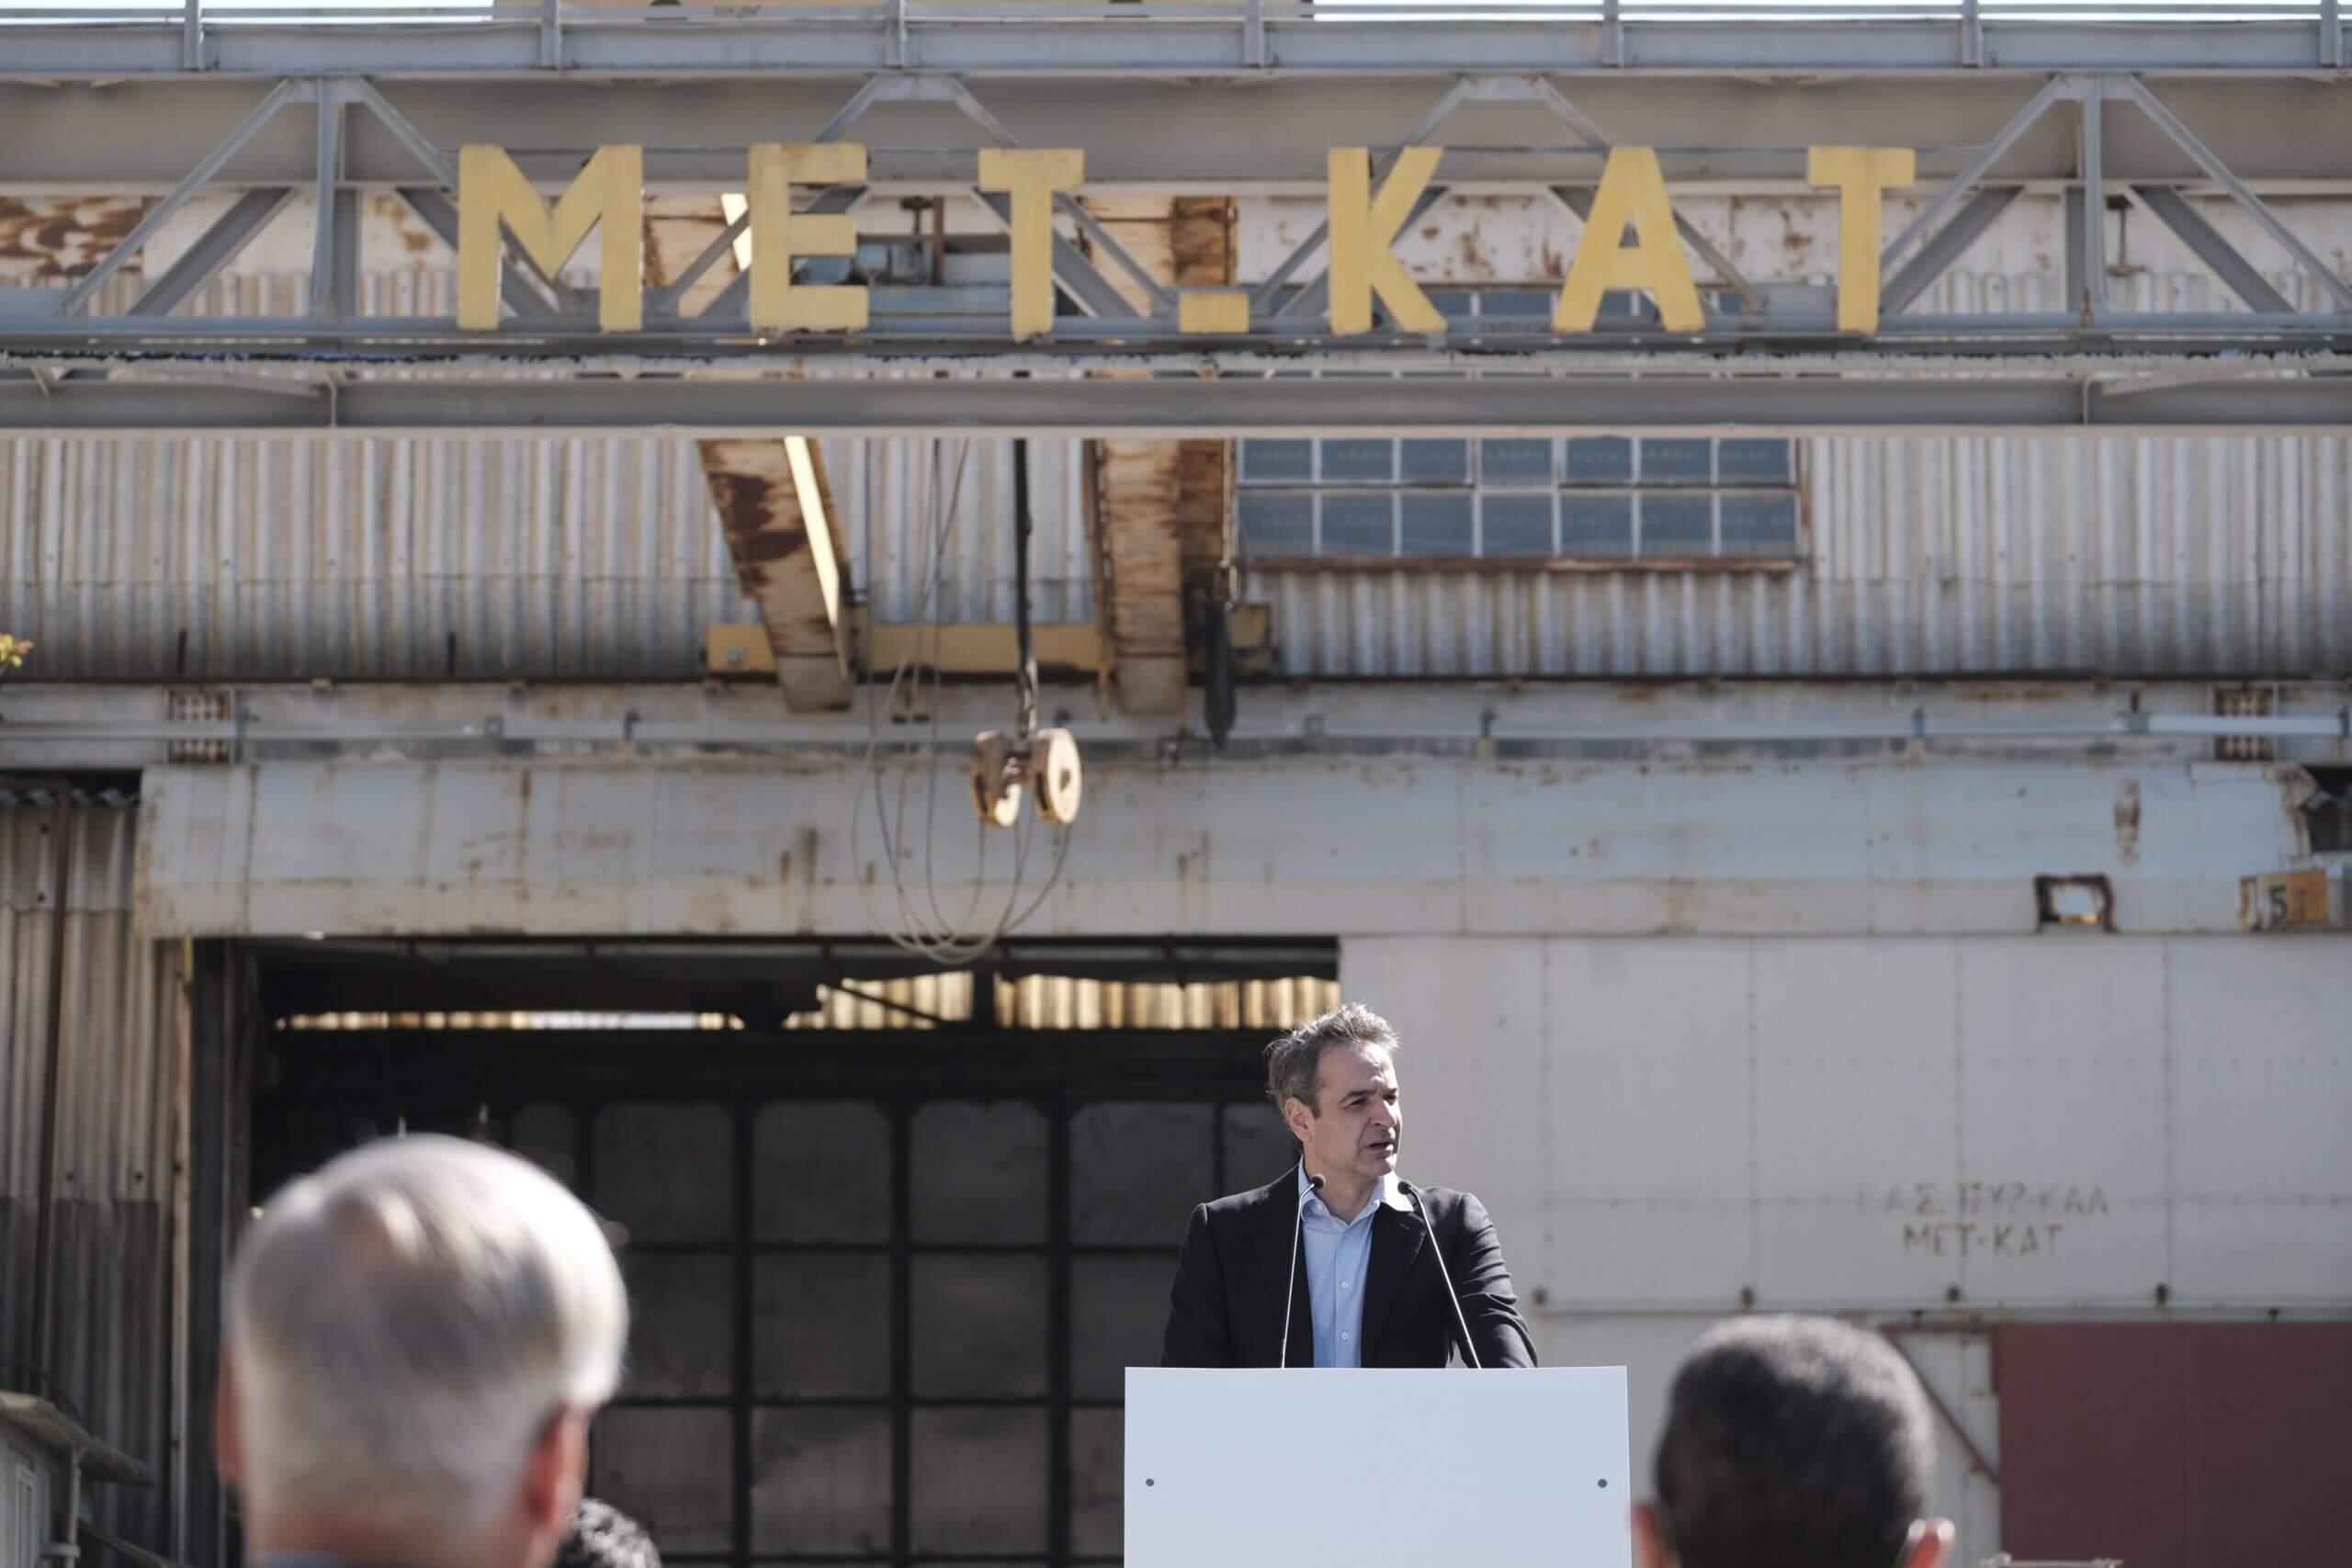 Μητσοτάκης: Πνεύμονας πρασίνου στο παλιό εργοστάσιο της ΠΥΡΚΑΛ